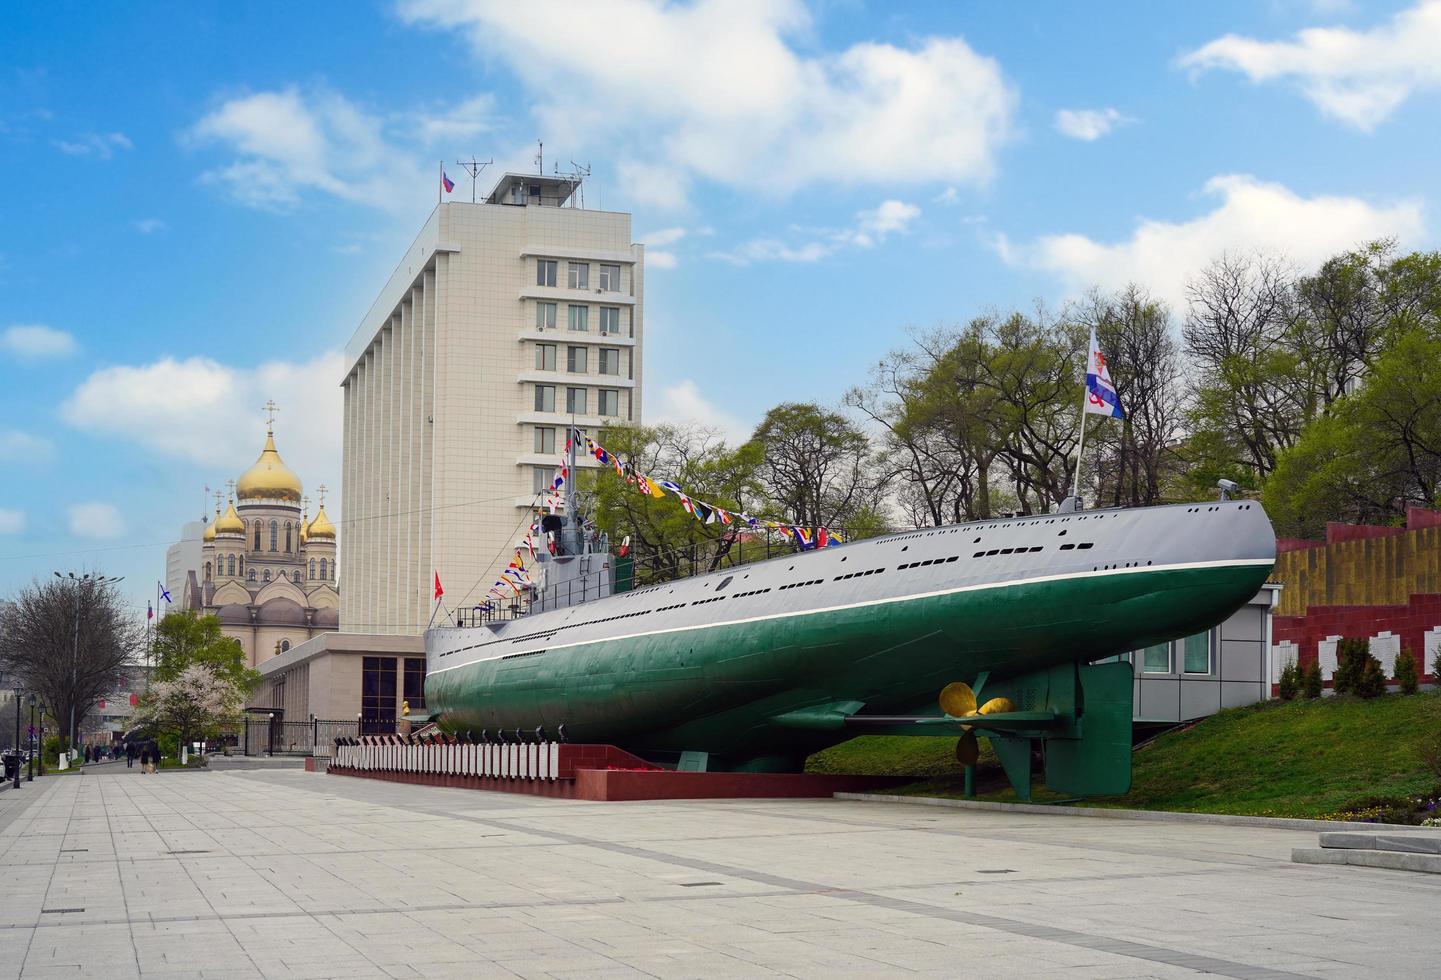 vladivostok, paesaggio. paesaggio urbano con vista delle attrazioni sull'argine della nave. foto